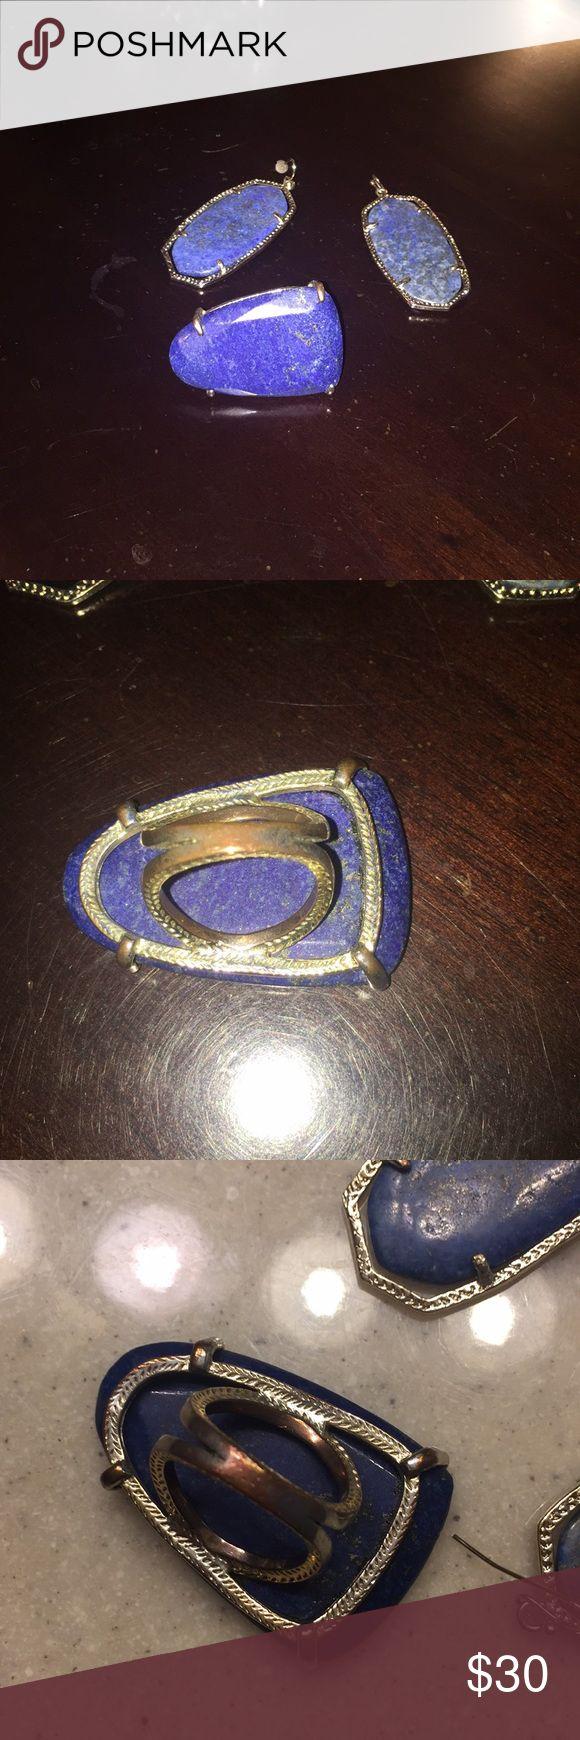 Kendra Scott earrings Beautiful Kendra Scott earrings, ring worn a bunch (see signs of wear in band) earrings maybe twice! Kendra Scott Jewelry